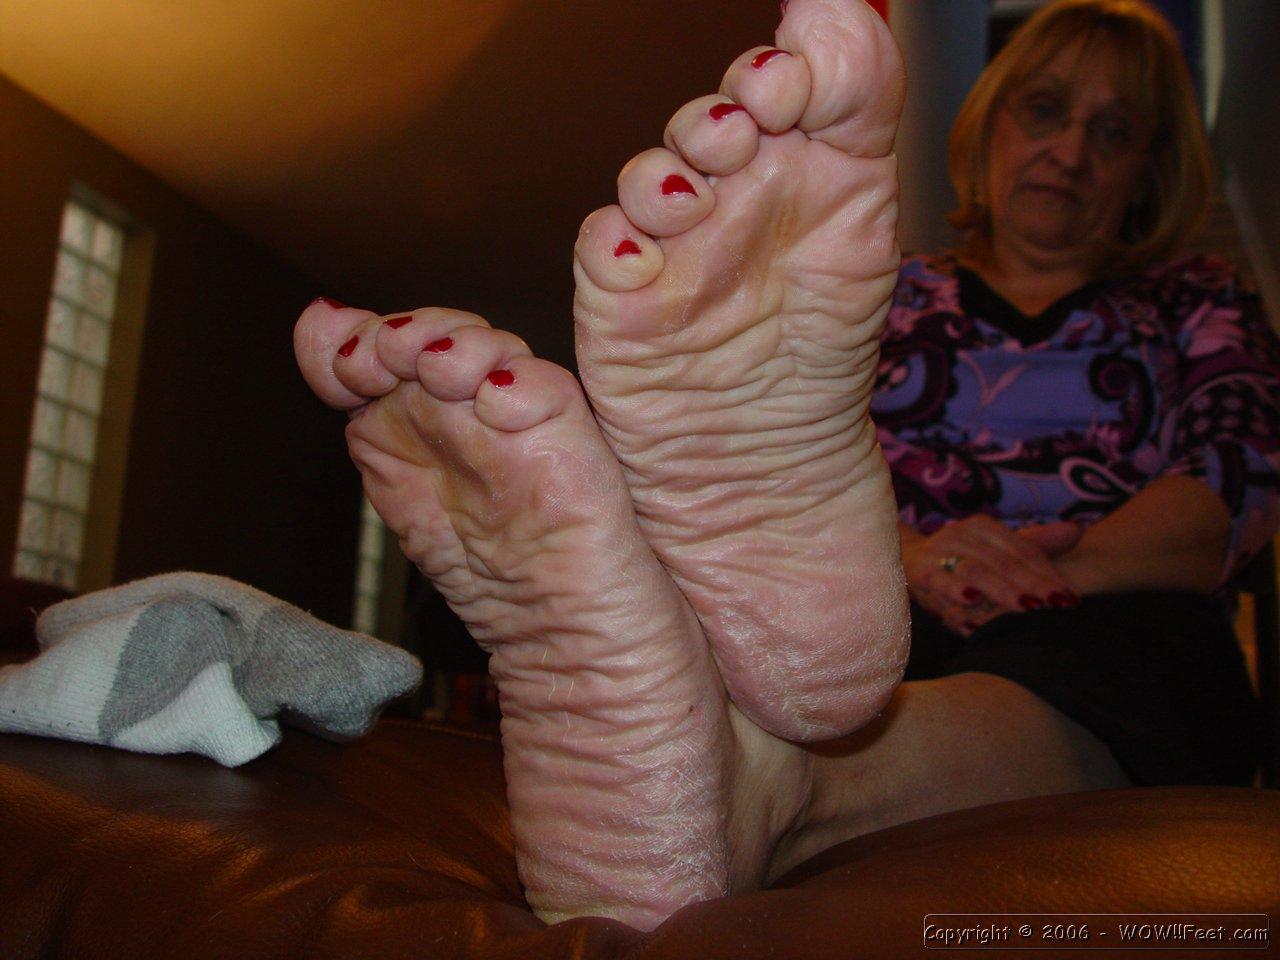 Granny video nude photo